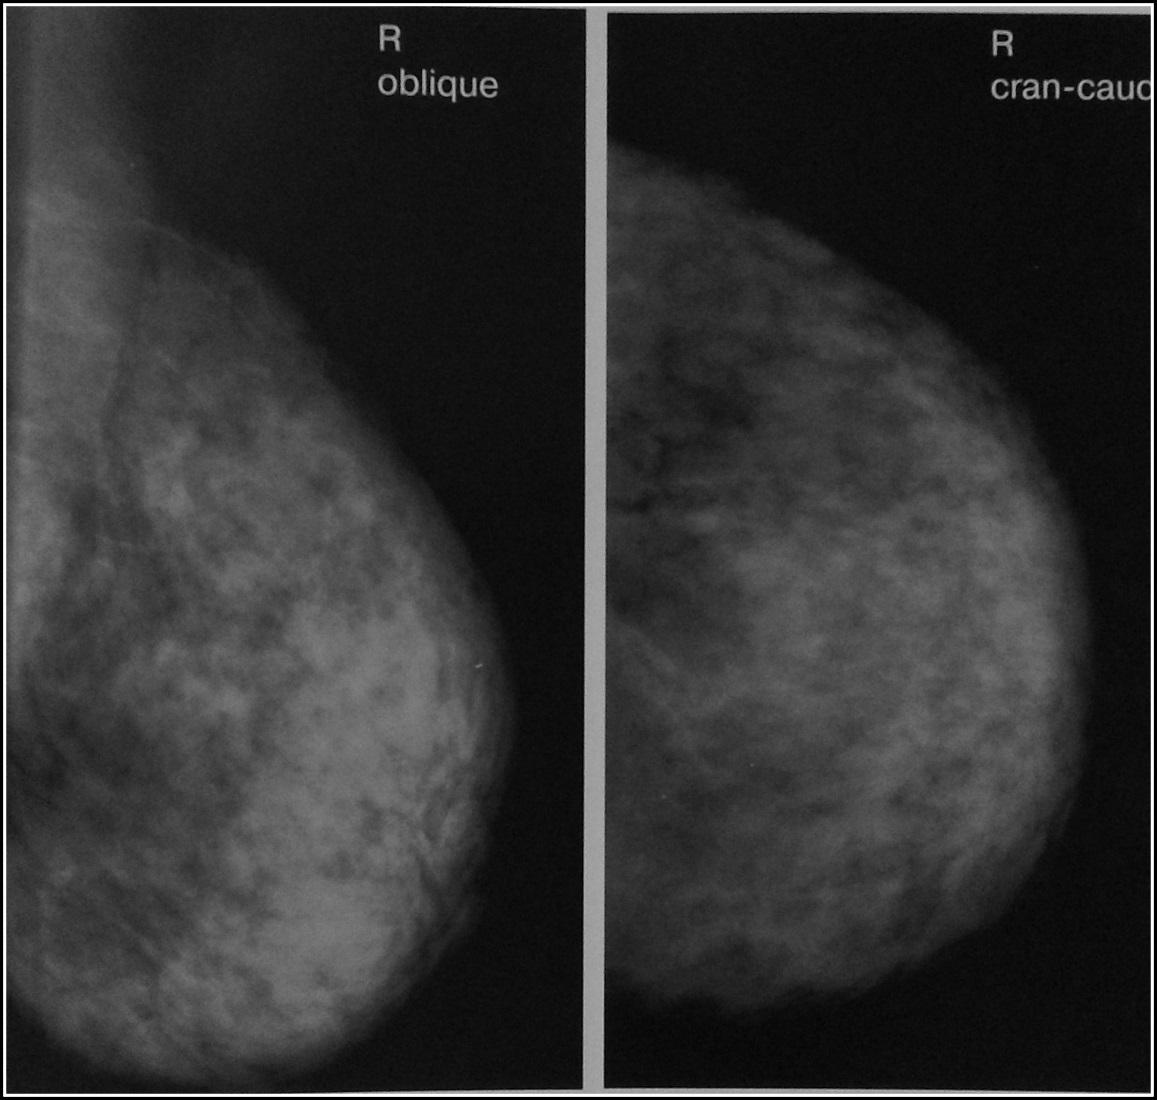 Чем опасна фиброзно-кистозная мастопатия молочных желез + симптомы и лечение